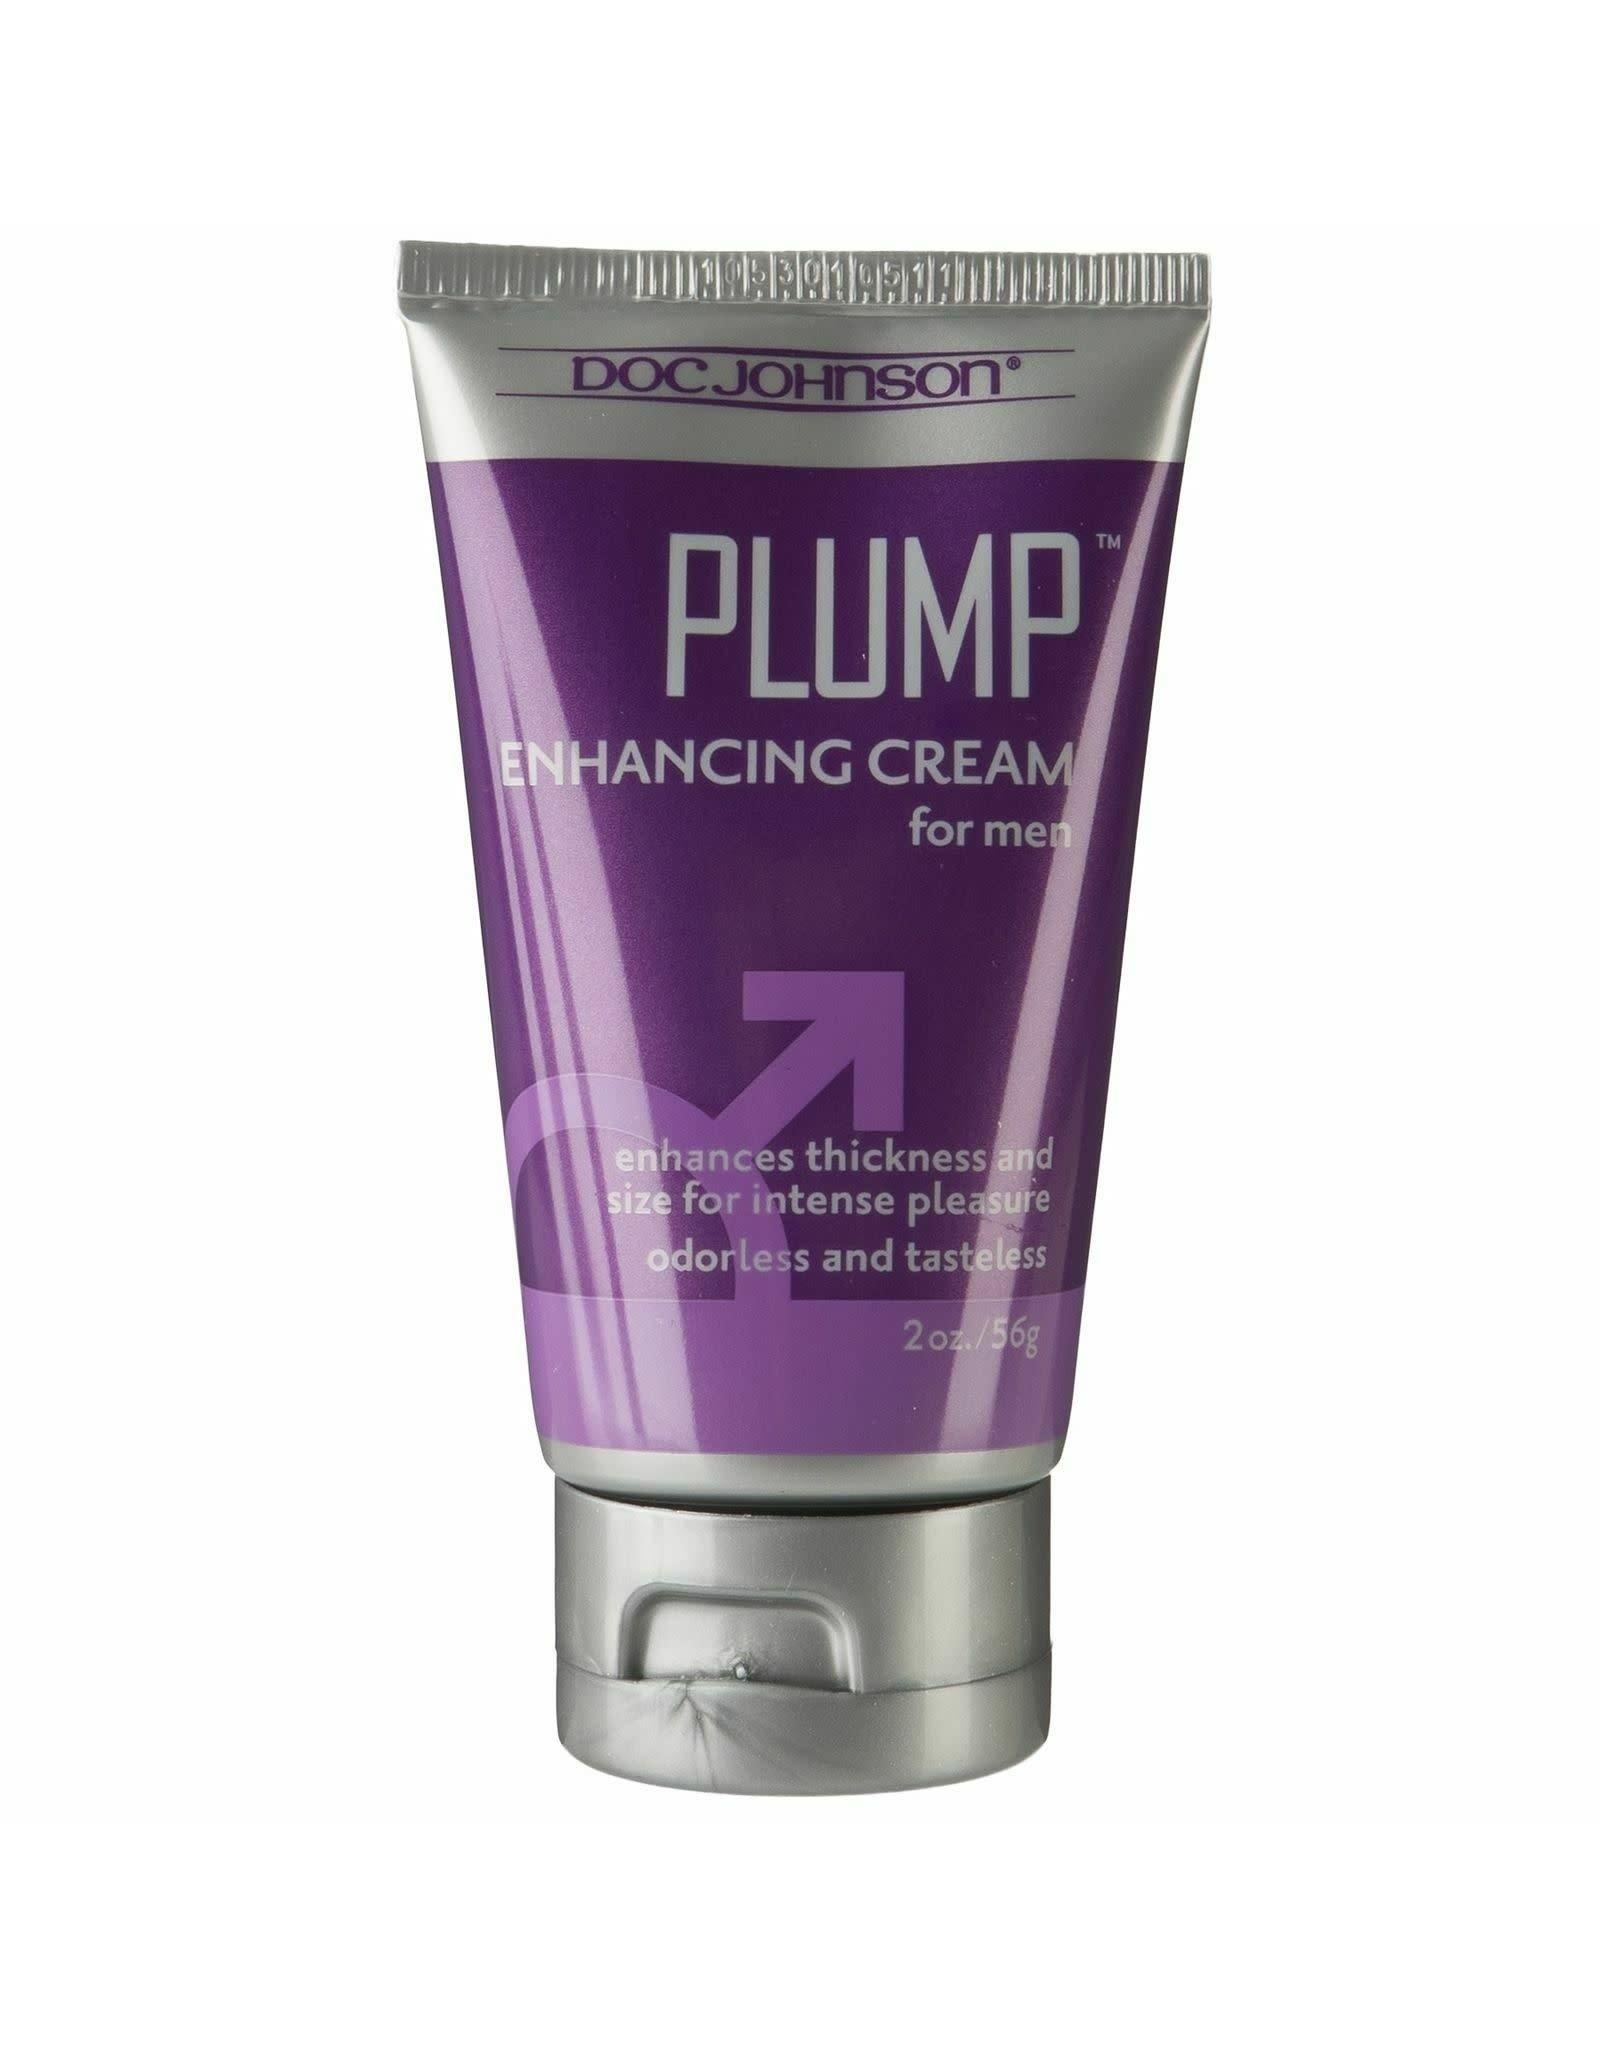 PLUMP - ENHANCEMENT CREAM FOR MEN